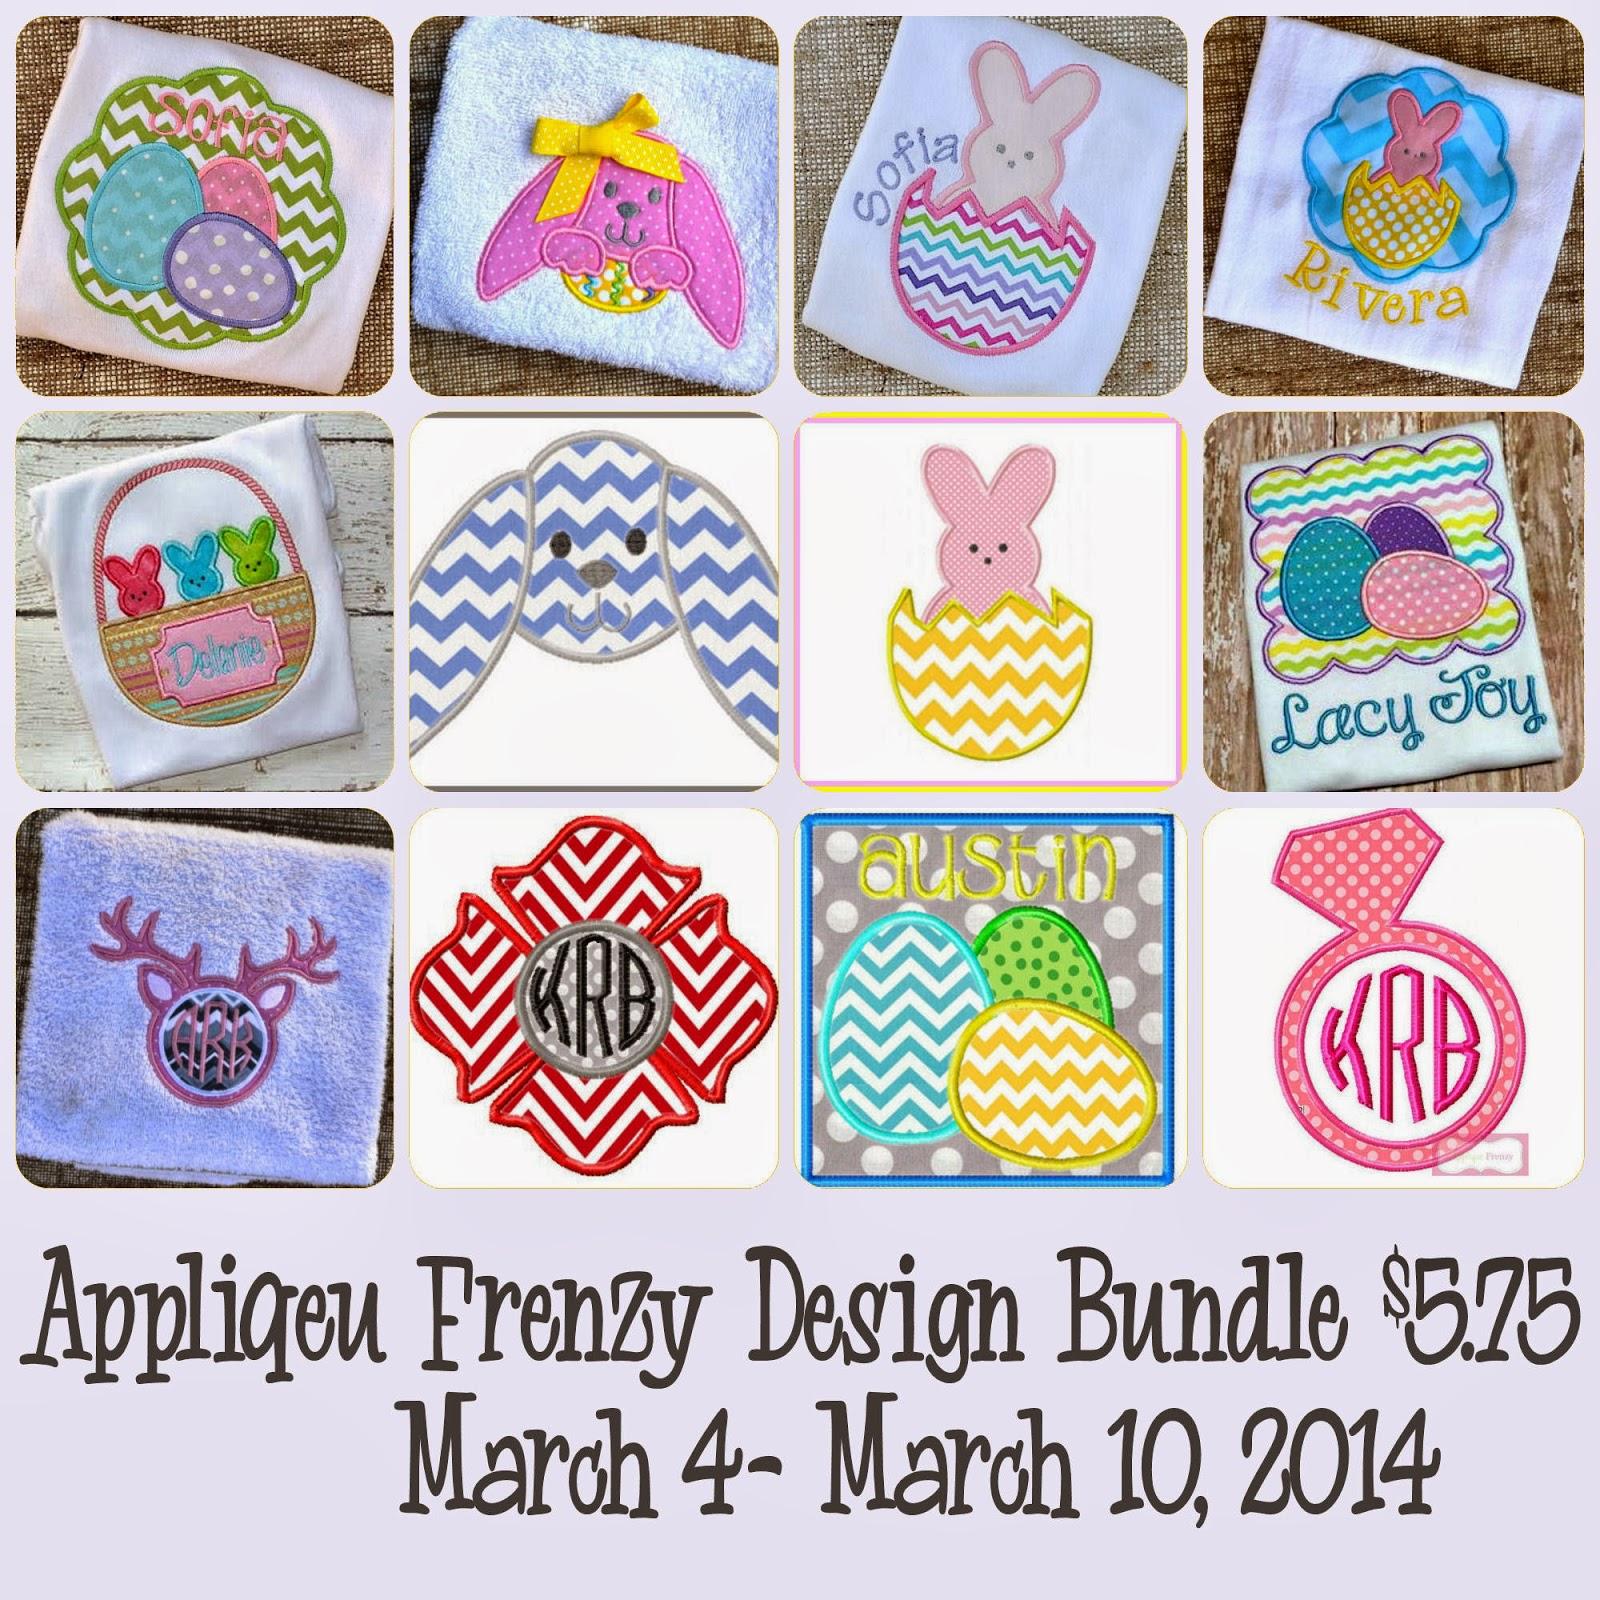 http://appliquefrenzy.com/item_706/Bundle-Promo-2014-Mar-4-Mar-10.htm